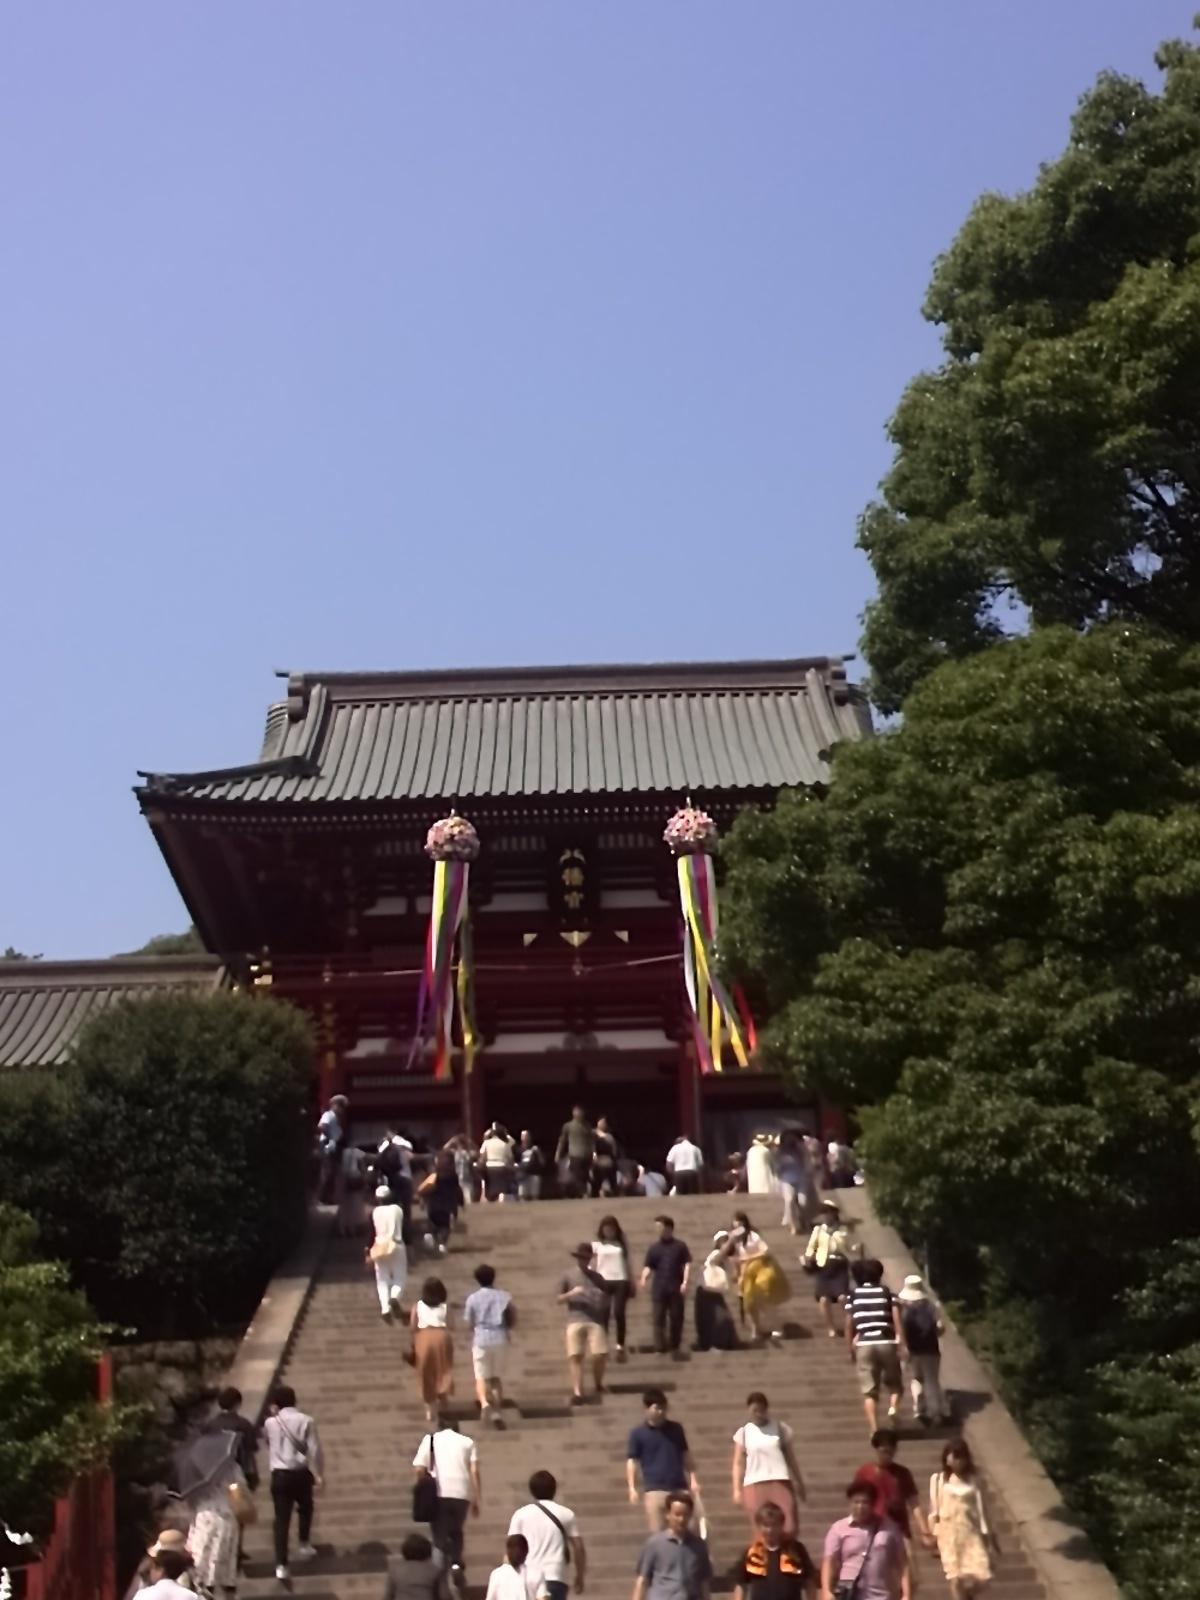 超マニアック!鎌倉散策レポート!?_f0340942_23234794.jpg